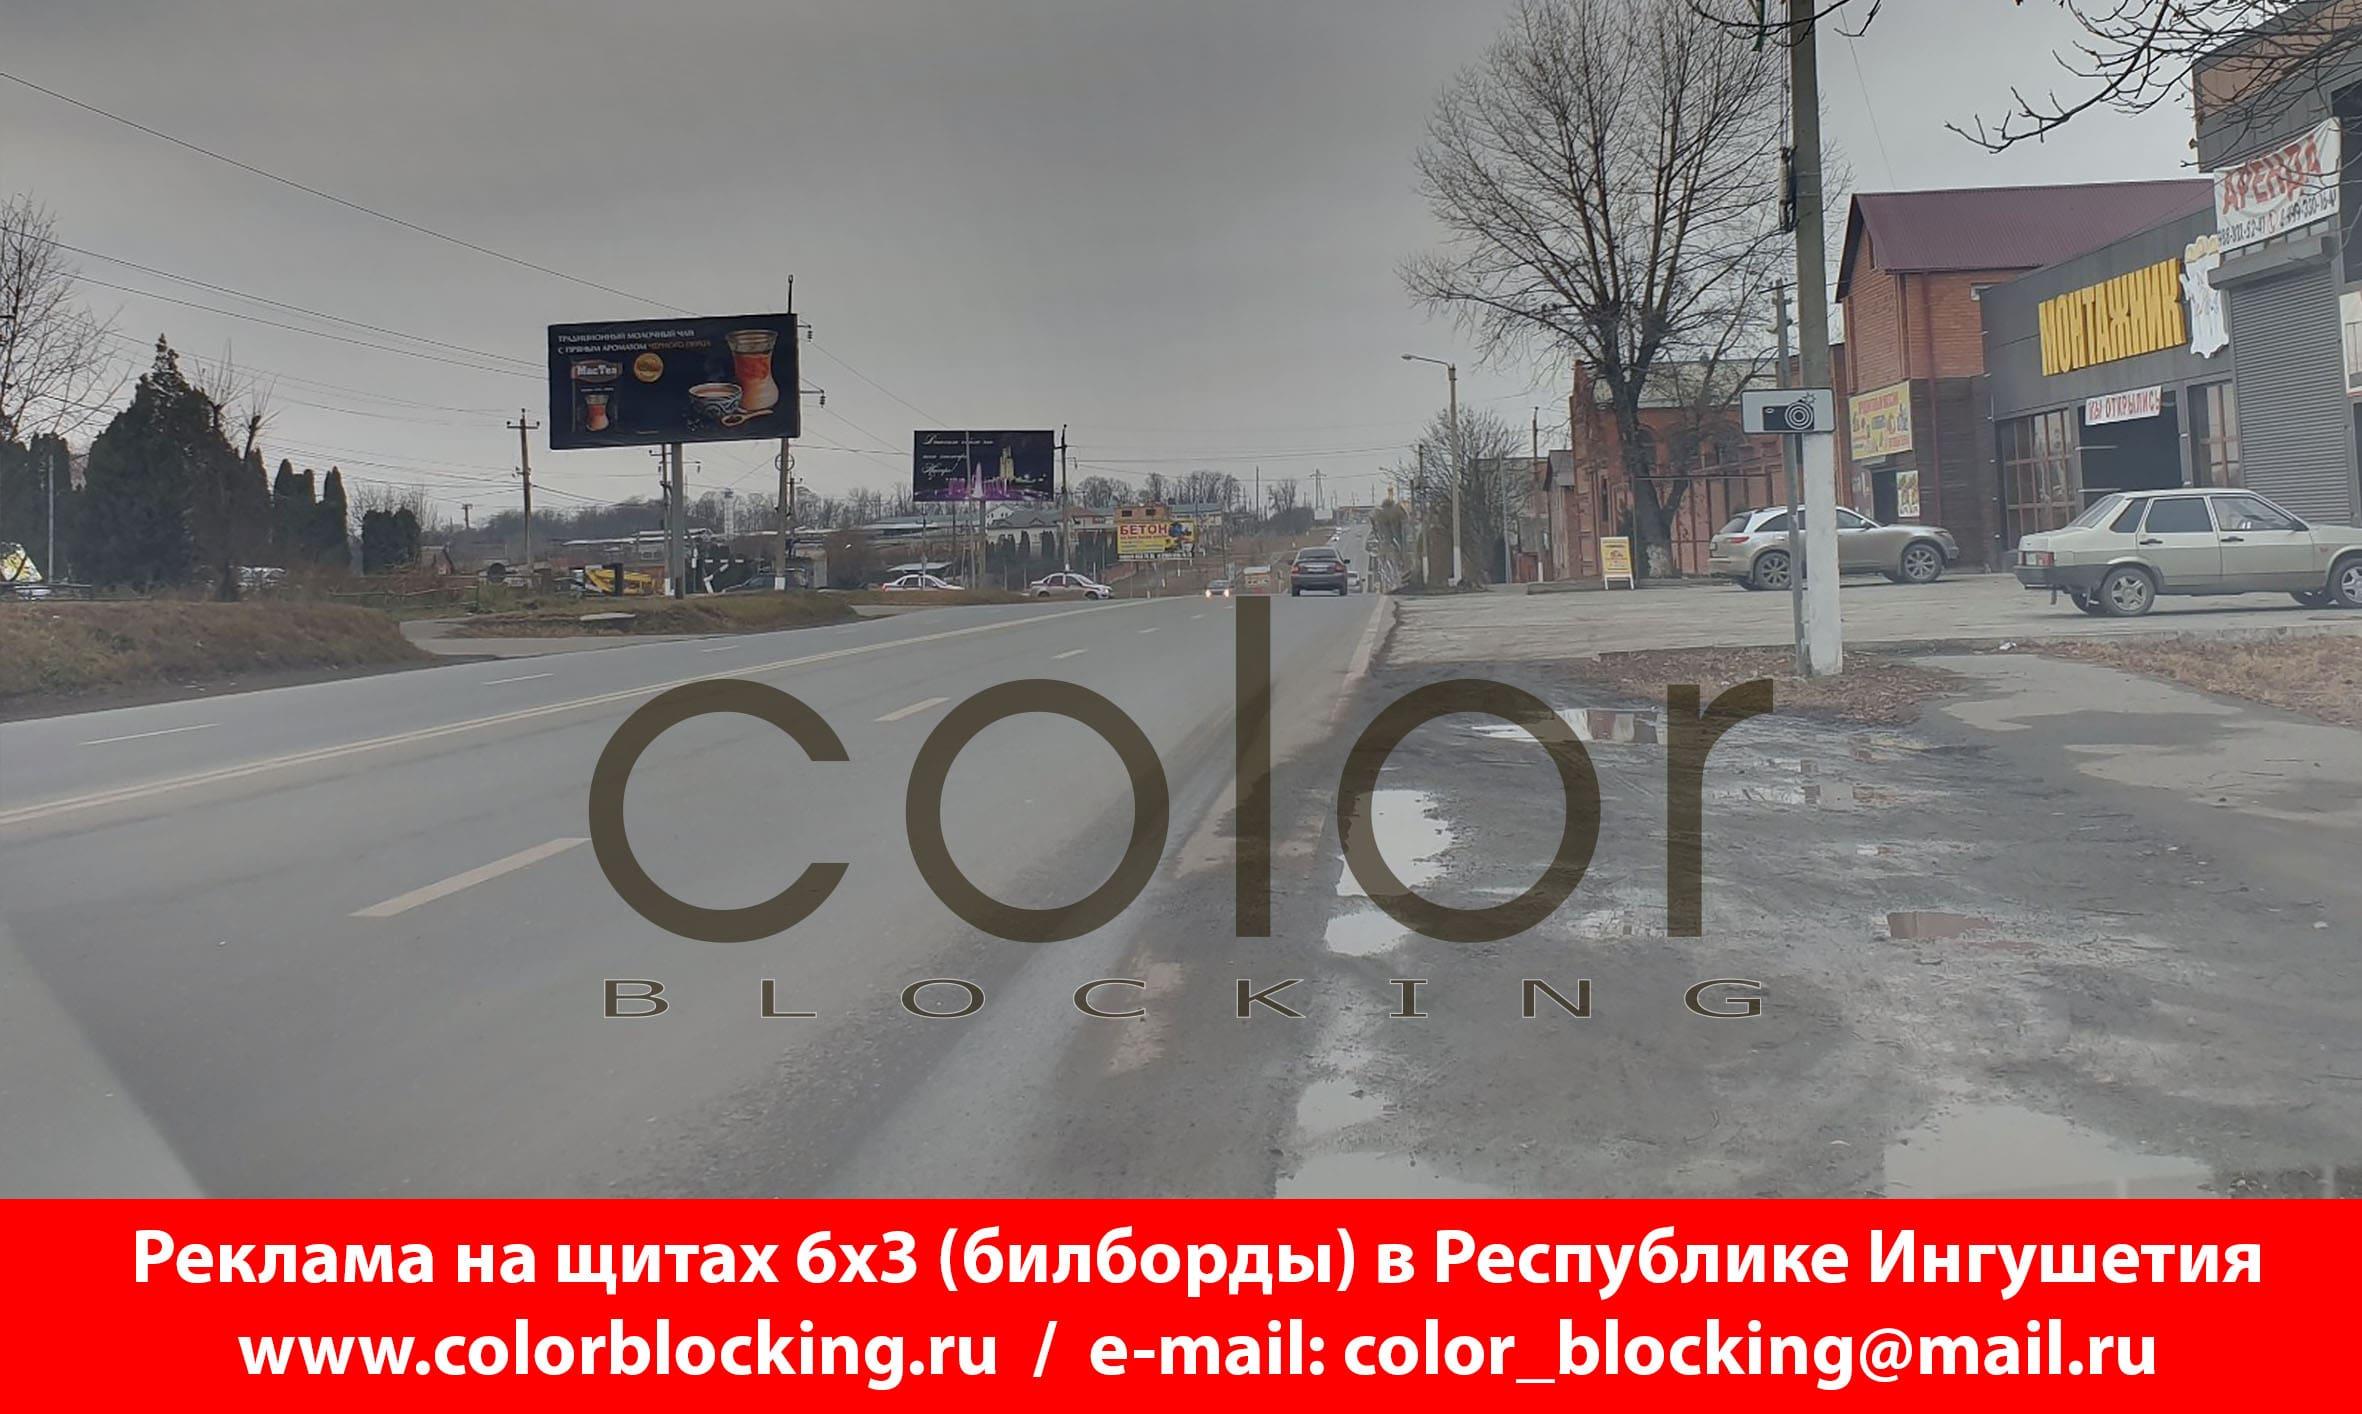 Реклама в Ингушетии на щитах 6х3 билборд